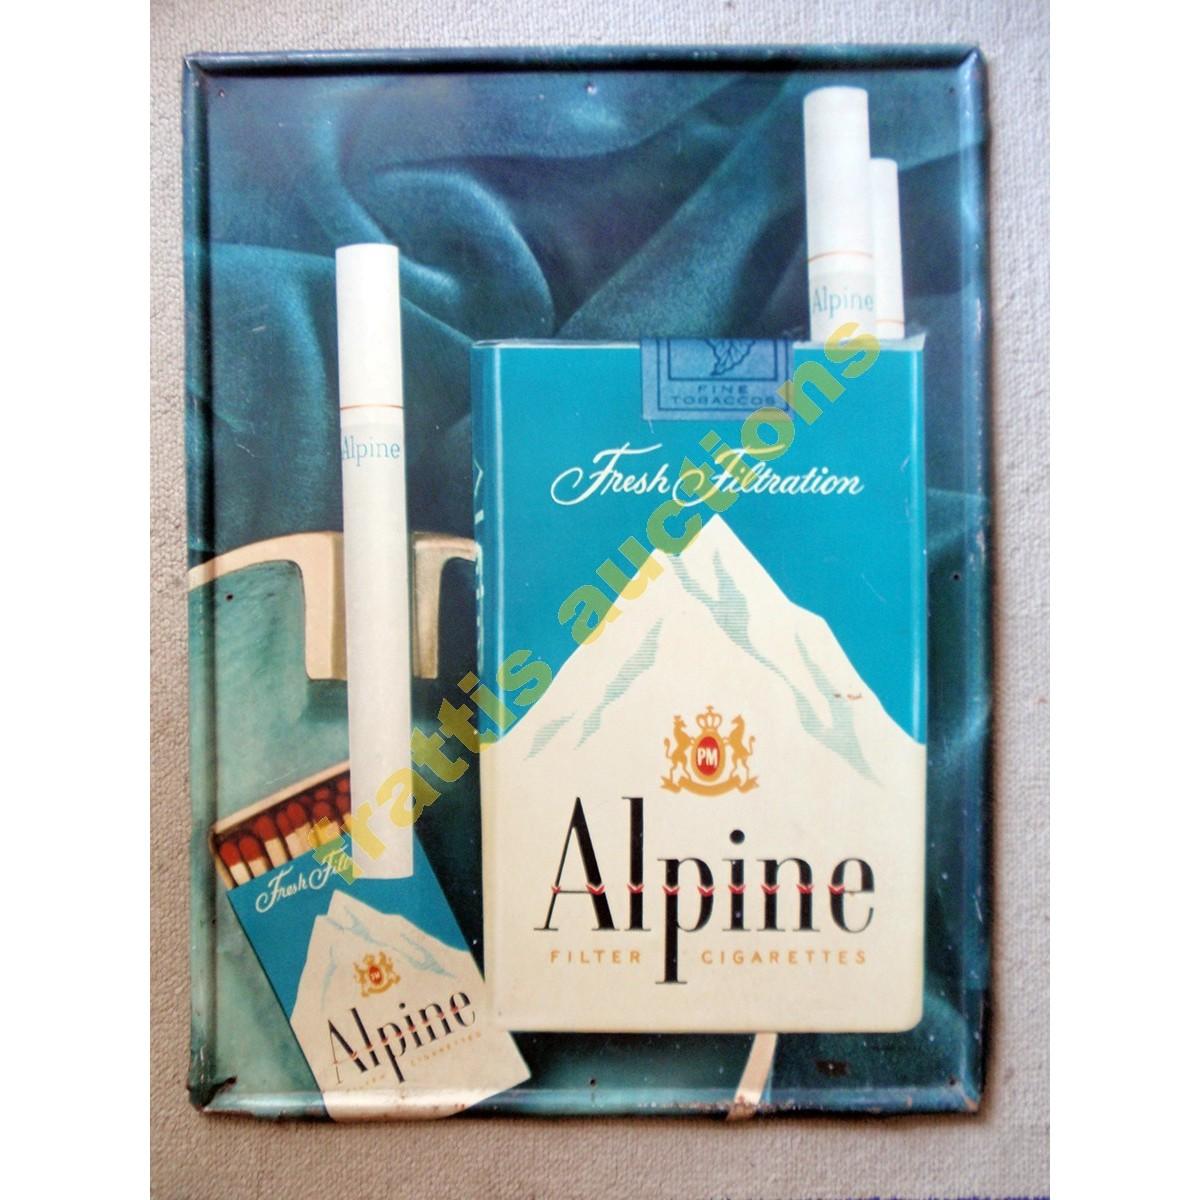 ΑLPINE Cigarettes Μεταλλική πινακίδα. ΄50s